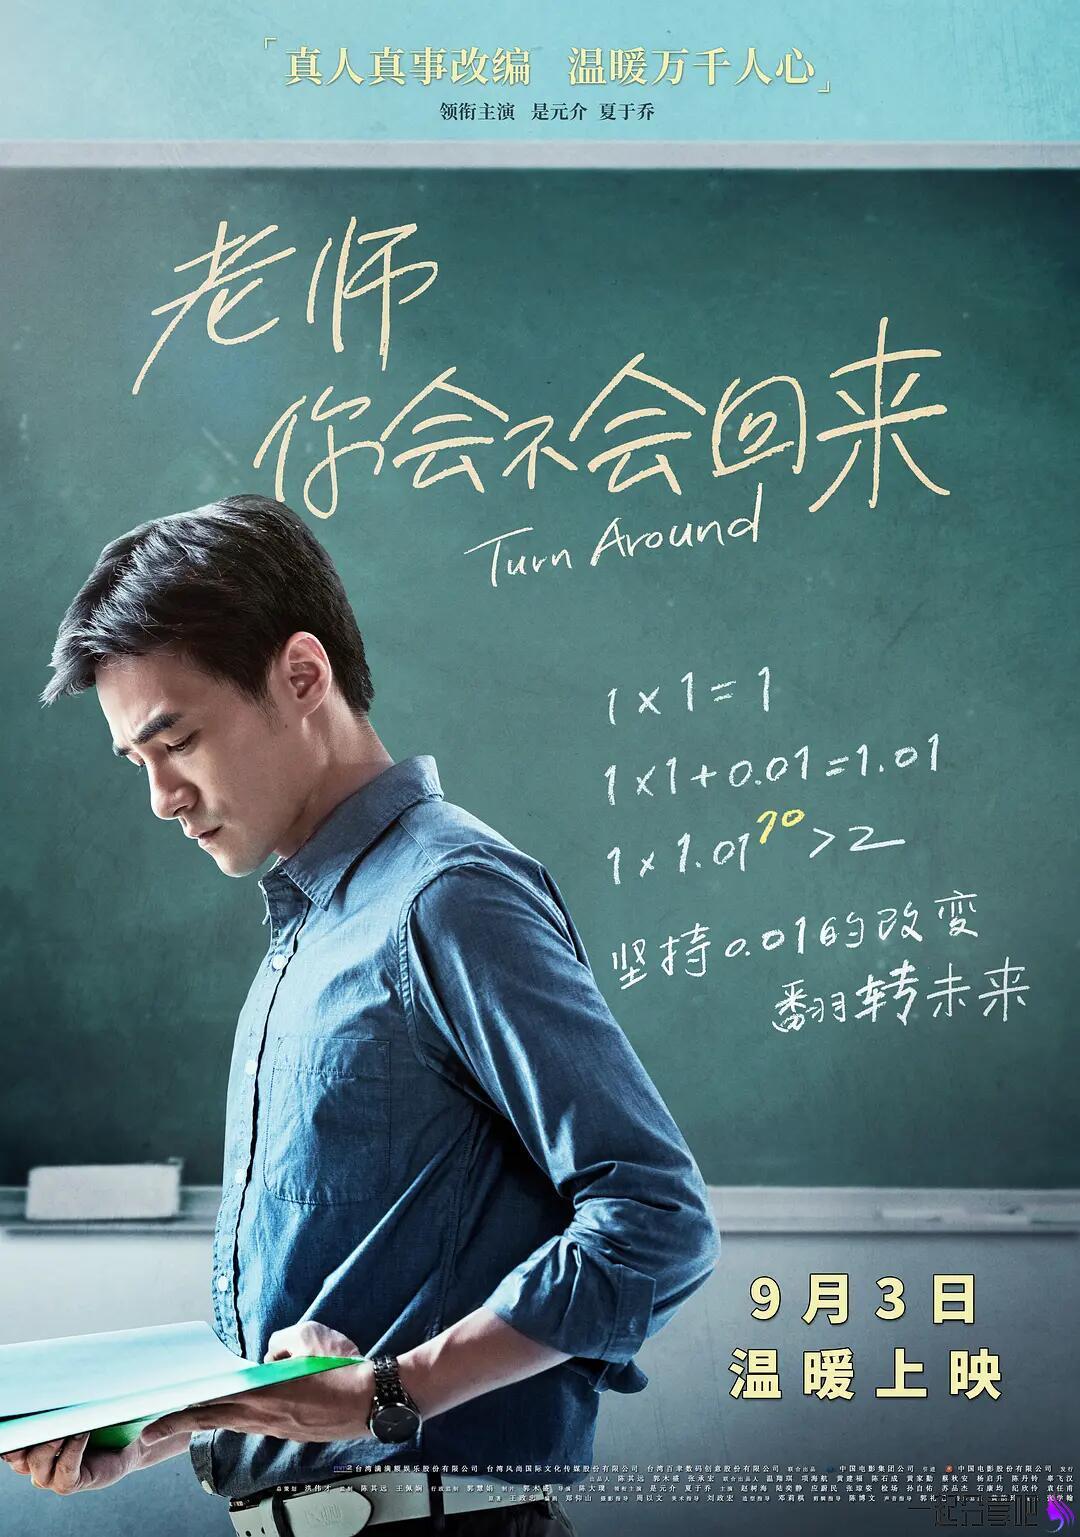 2019年剧情电影《老师,你会不会回来》HD1080p蓝光中字版 第1张